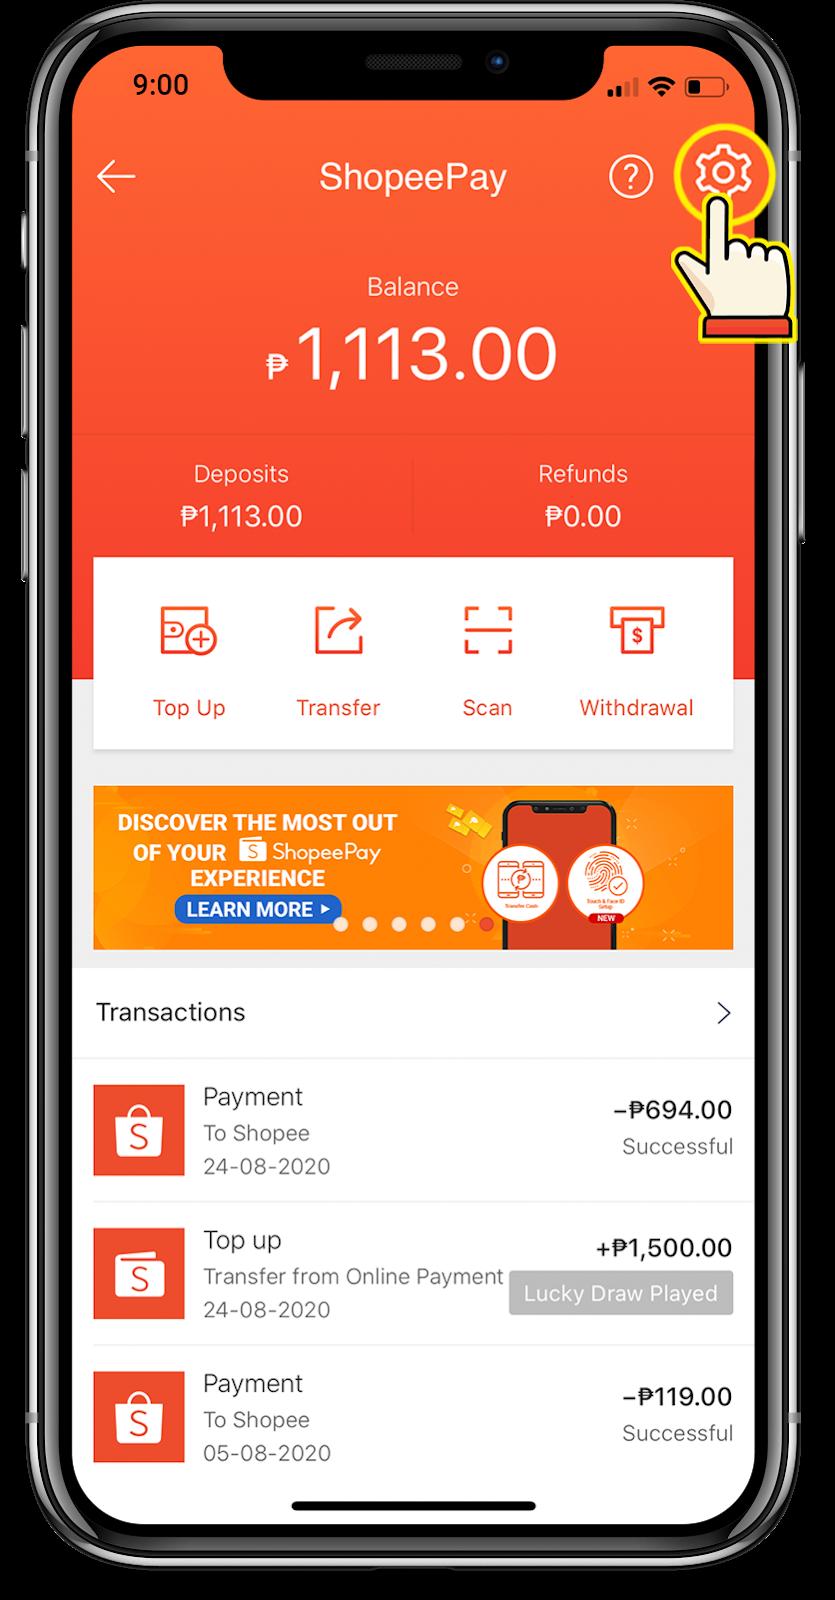 生活攻略-我忘记了我的ShopeePay PIN码。如何重置?-菲律宾中文网(2)